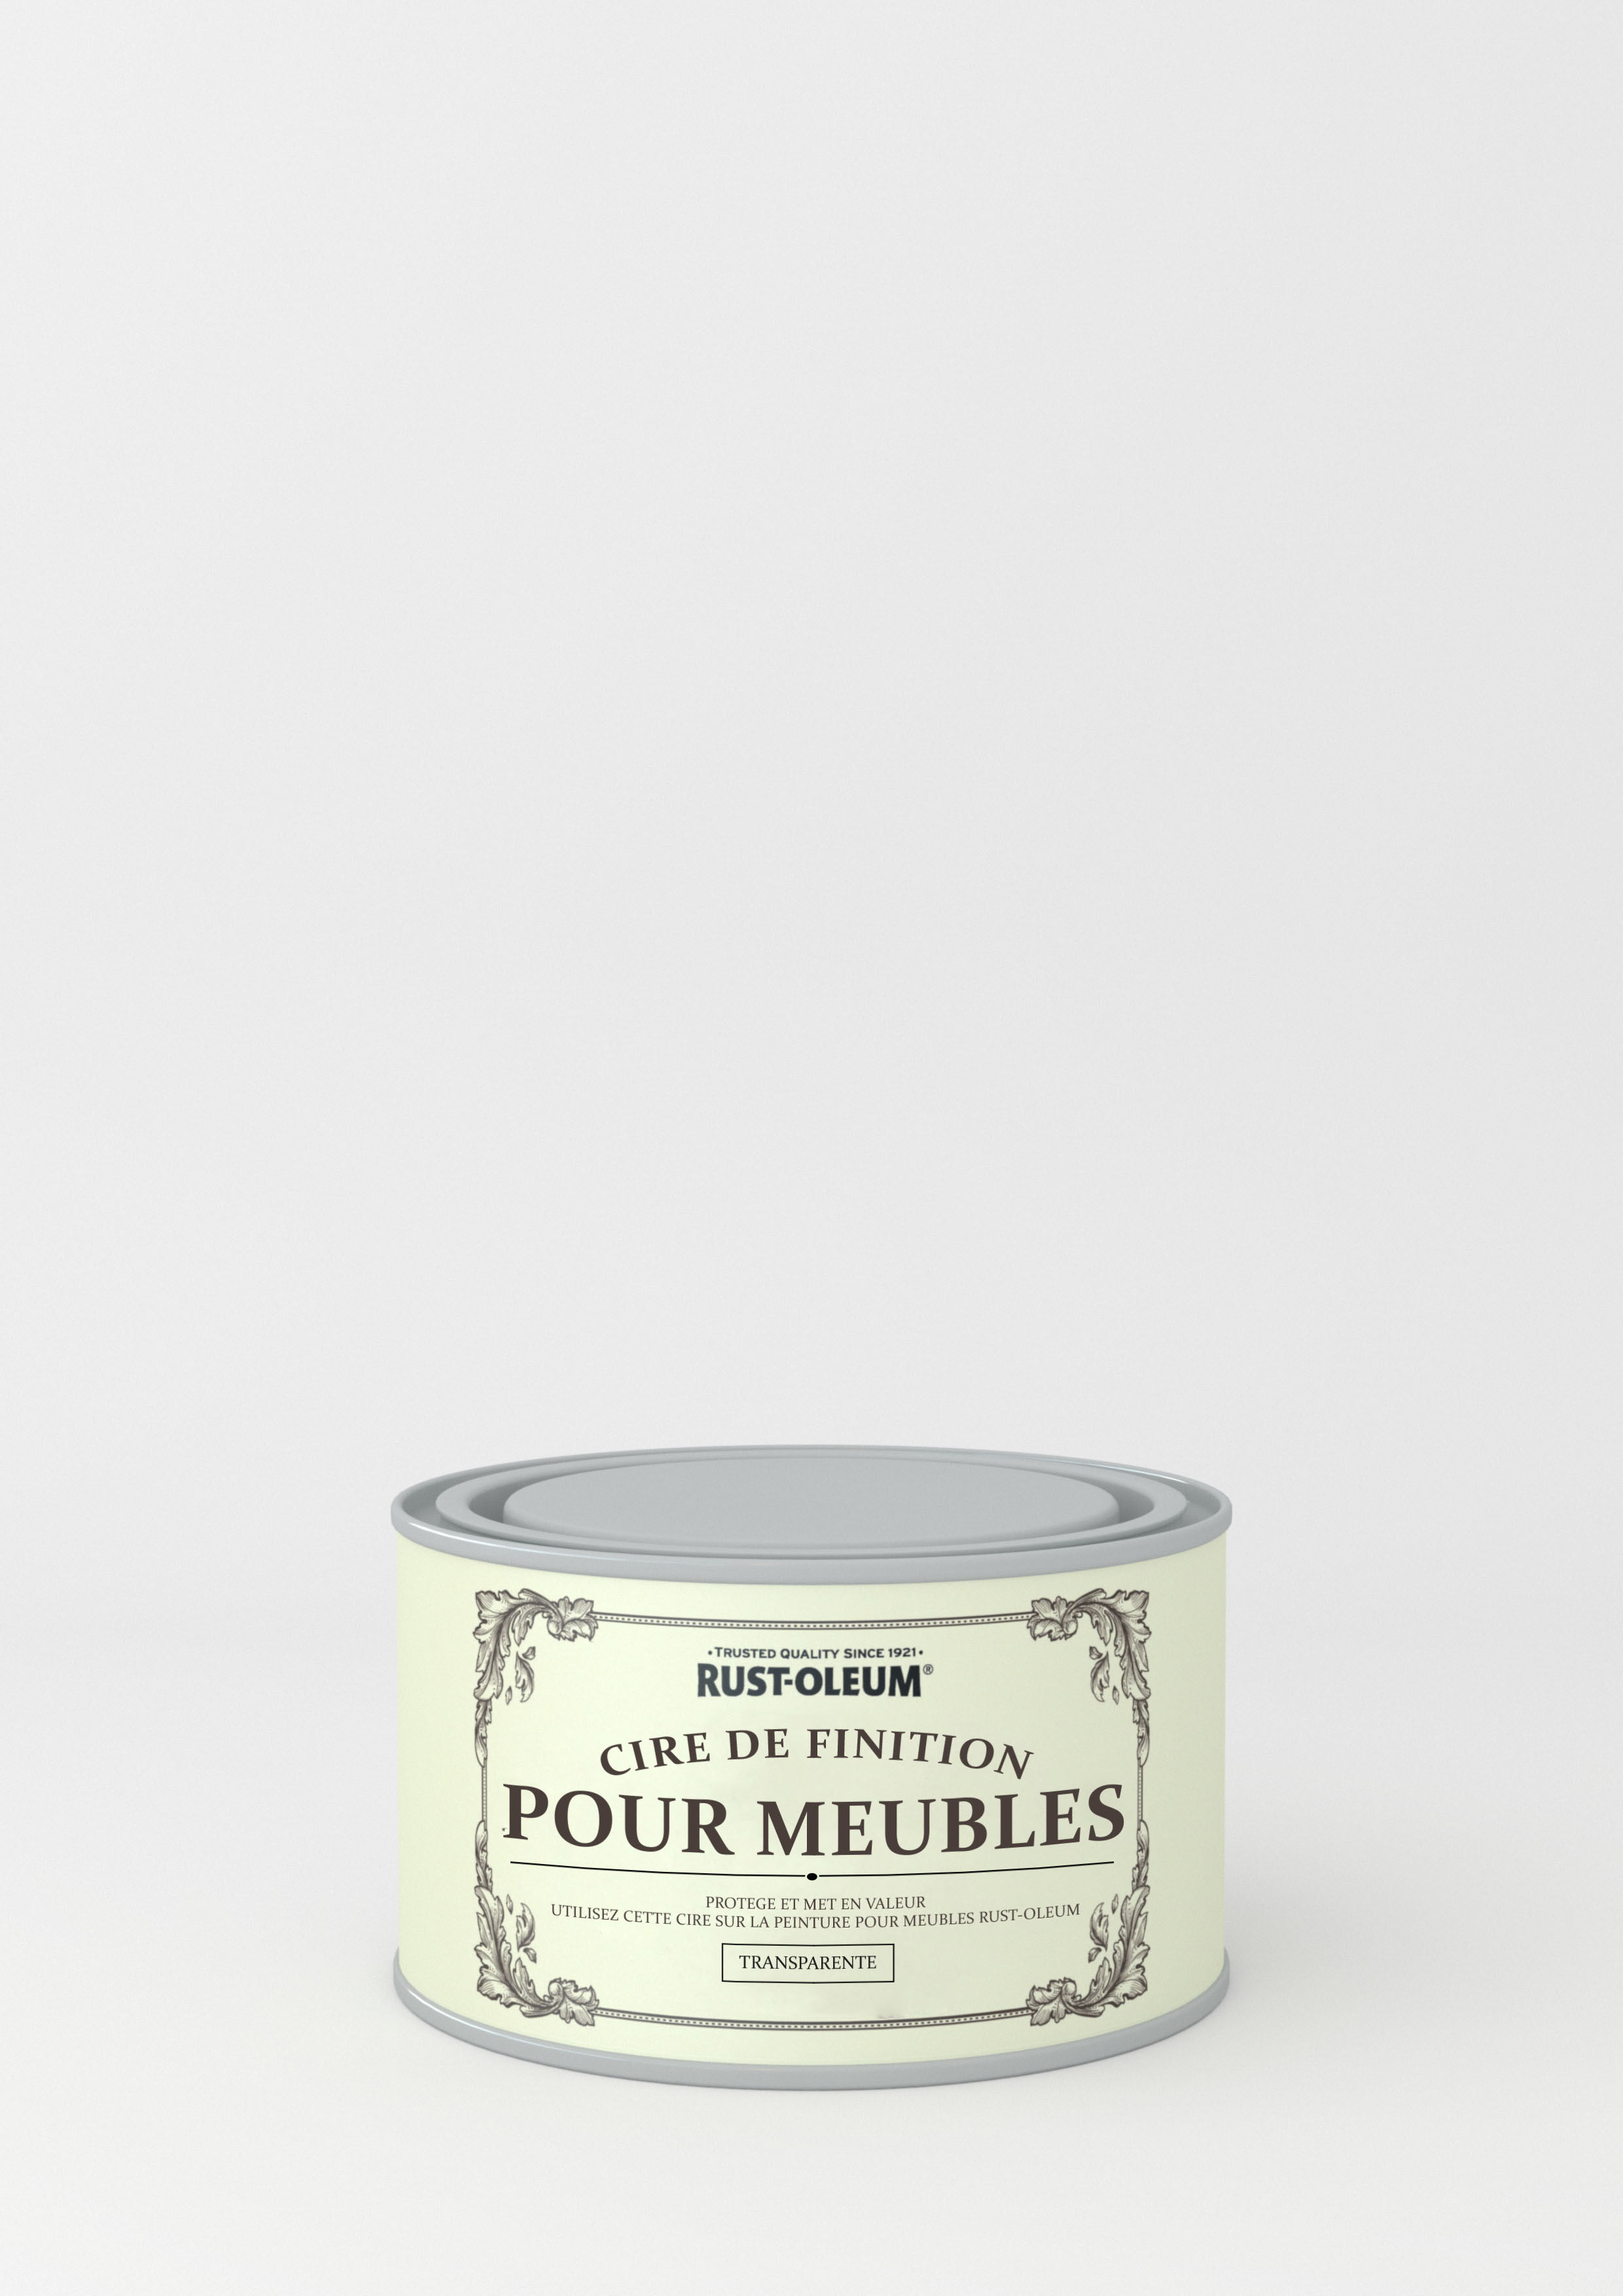 Meuble Bois Et Chiffons Catalogue Stunning Catalogue Des Meubles  # Catalogue Les Meubles Bois